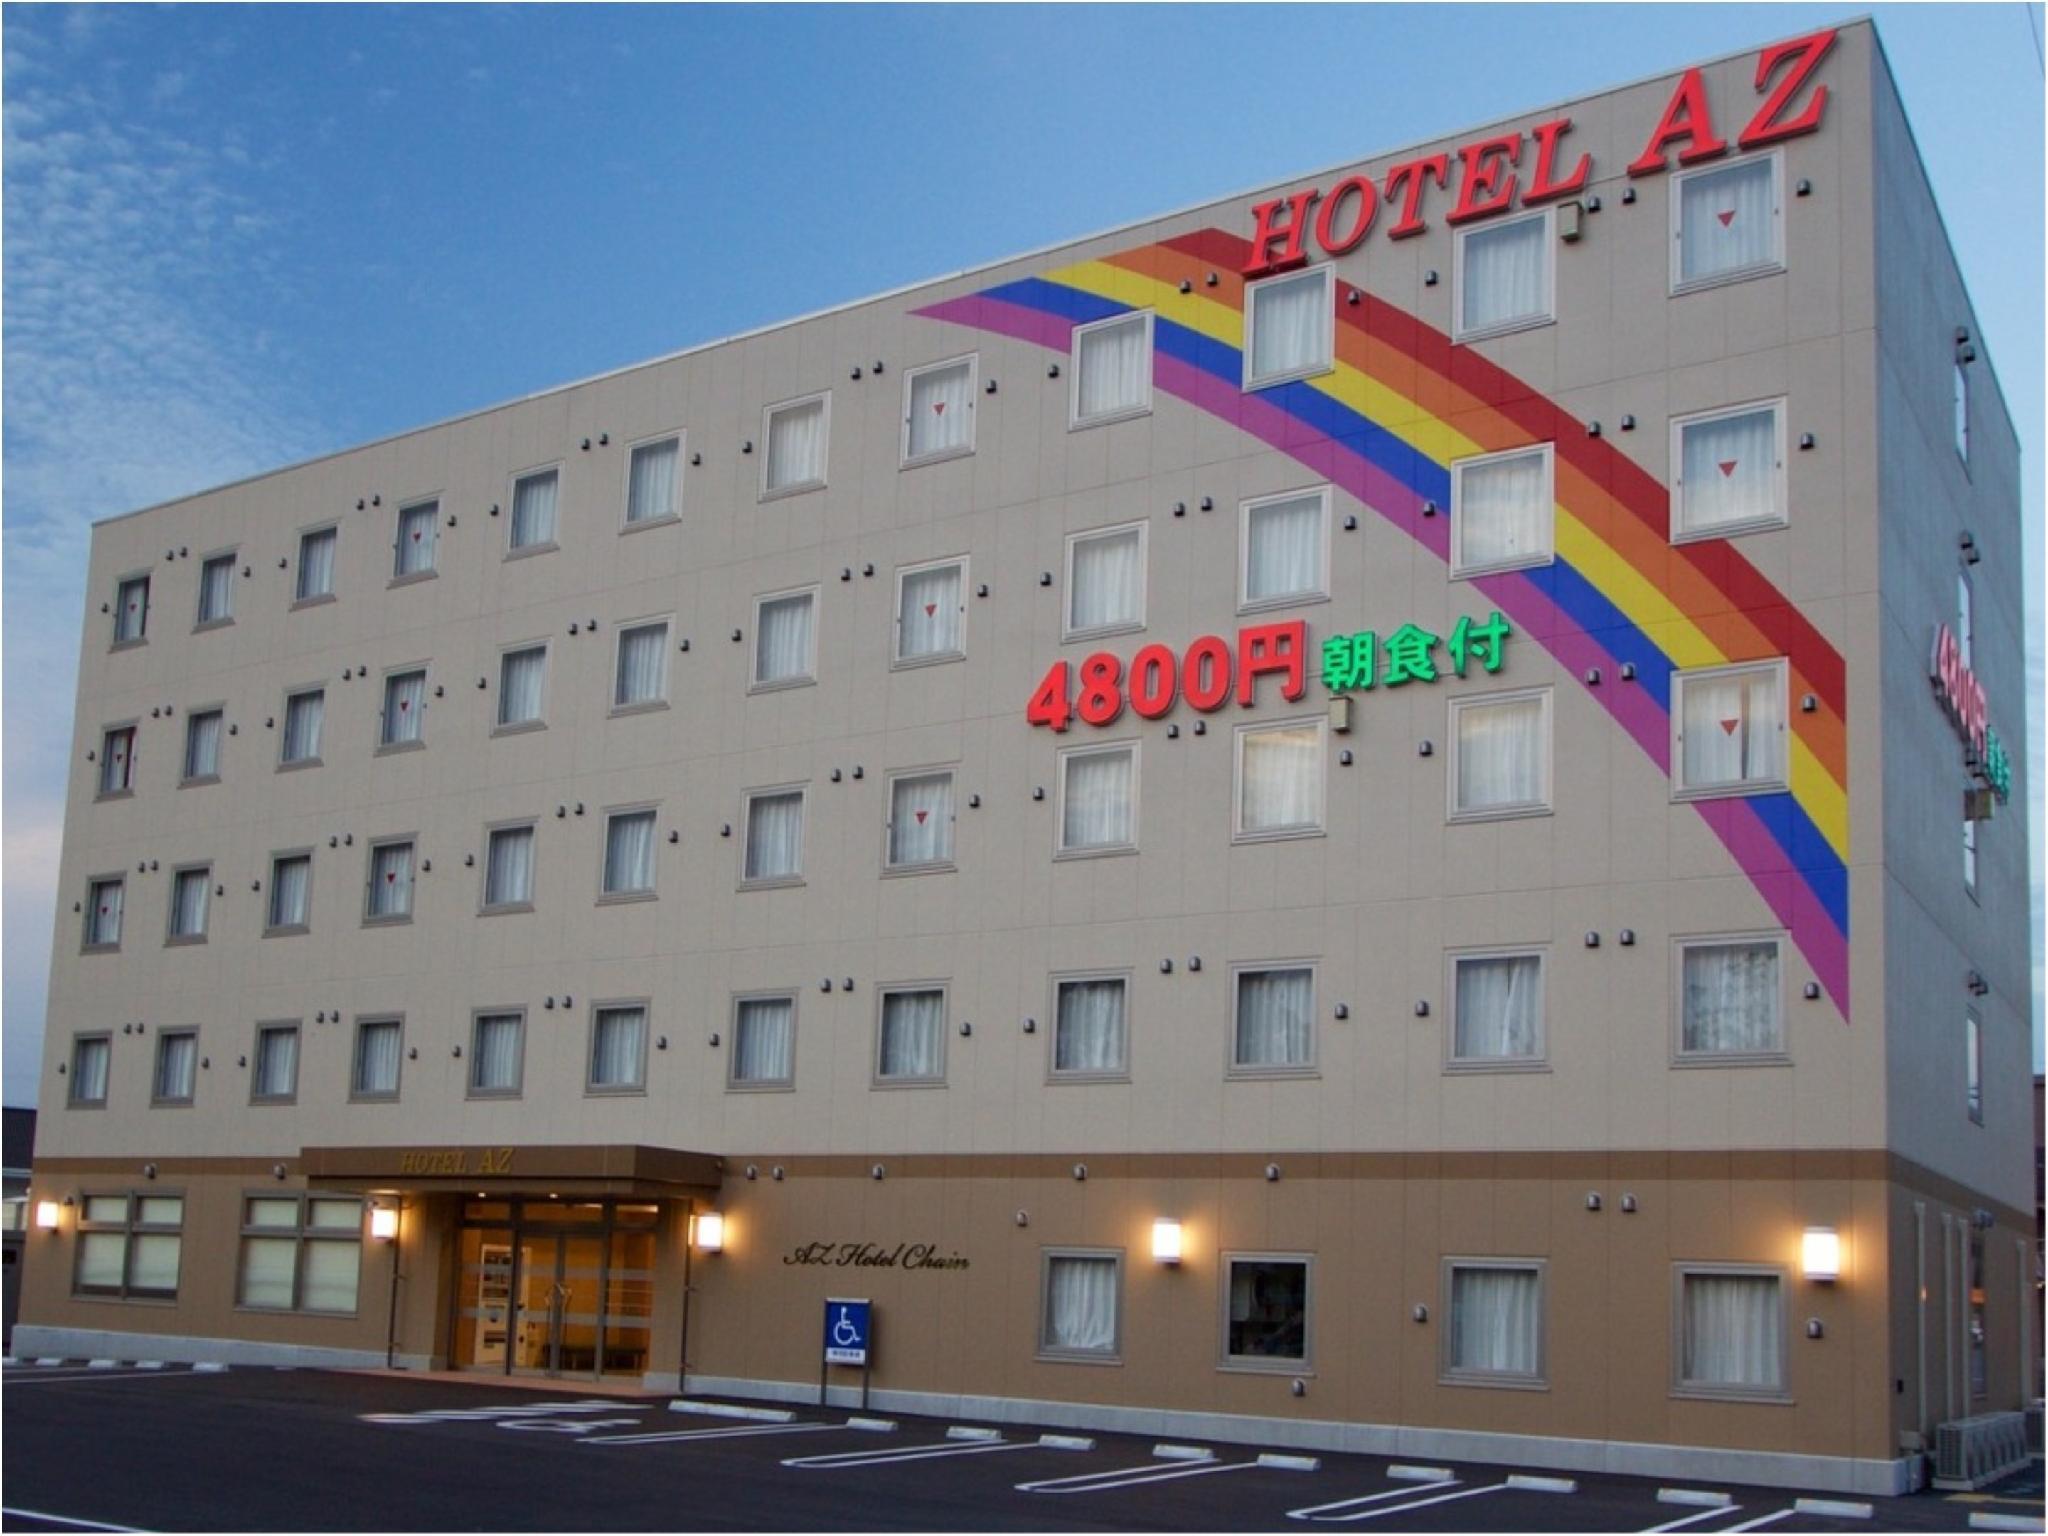 HOTEL AZ Miyazaki KitaHyuga Ten